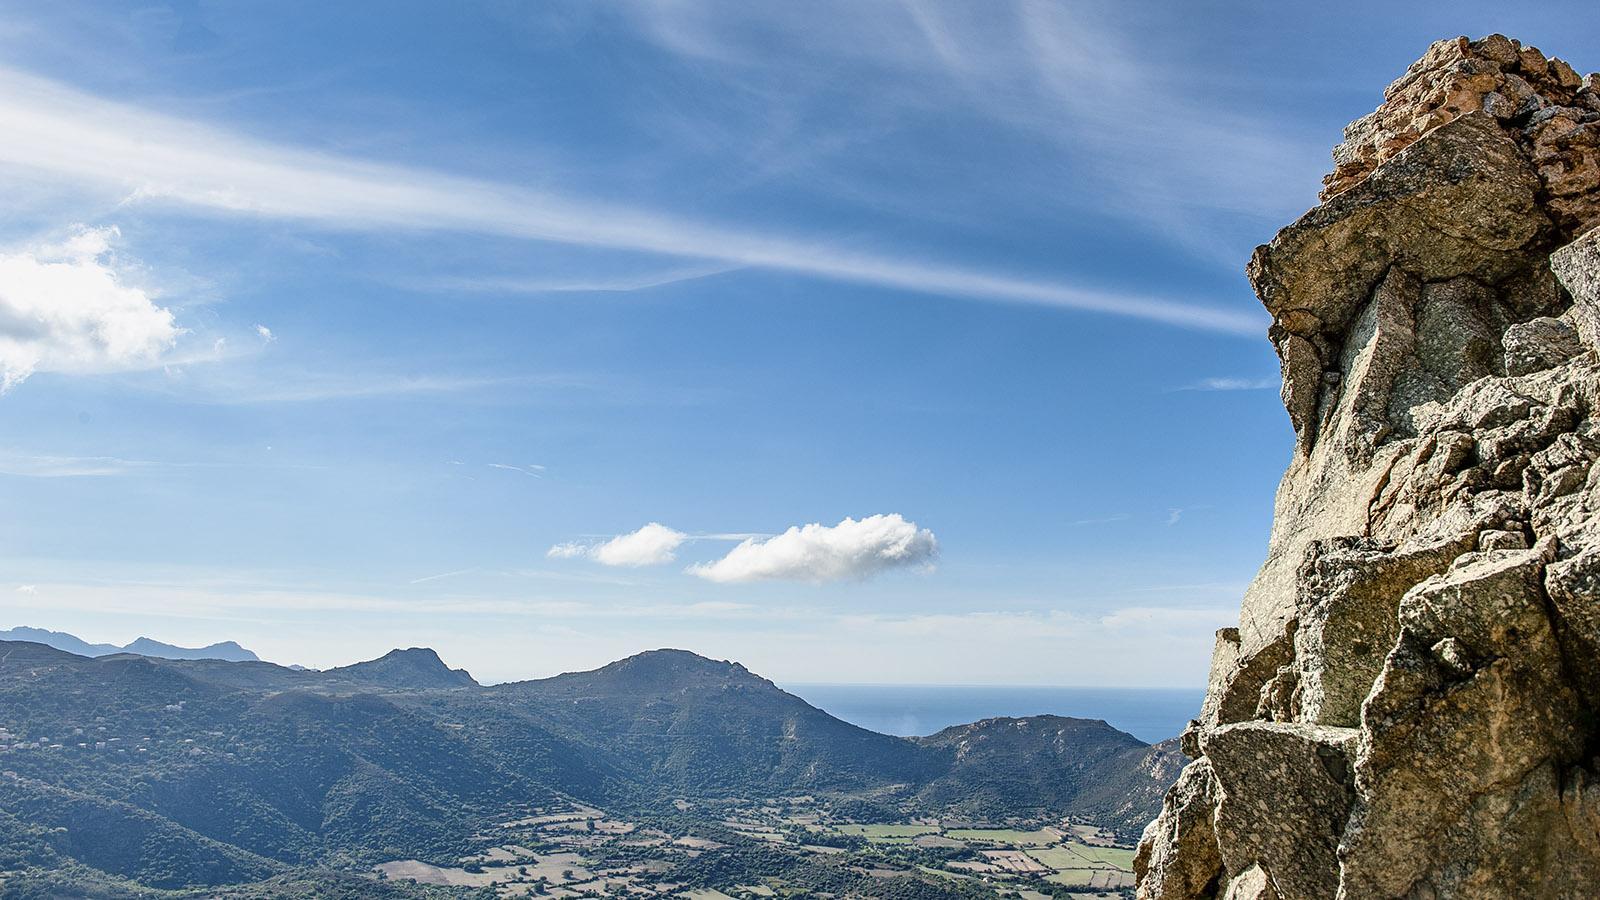 Sant'Antonino: Herrliche Aussichten auf die Balagne eröffnen sich von beim Aufstieg auf die Hügelspitze. Foto: Hilke Maunder